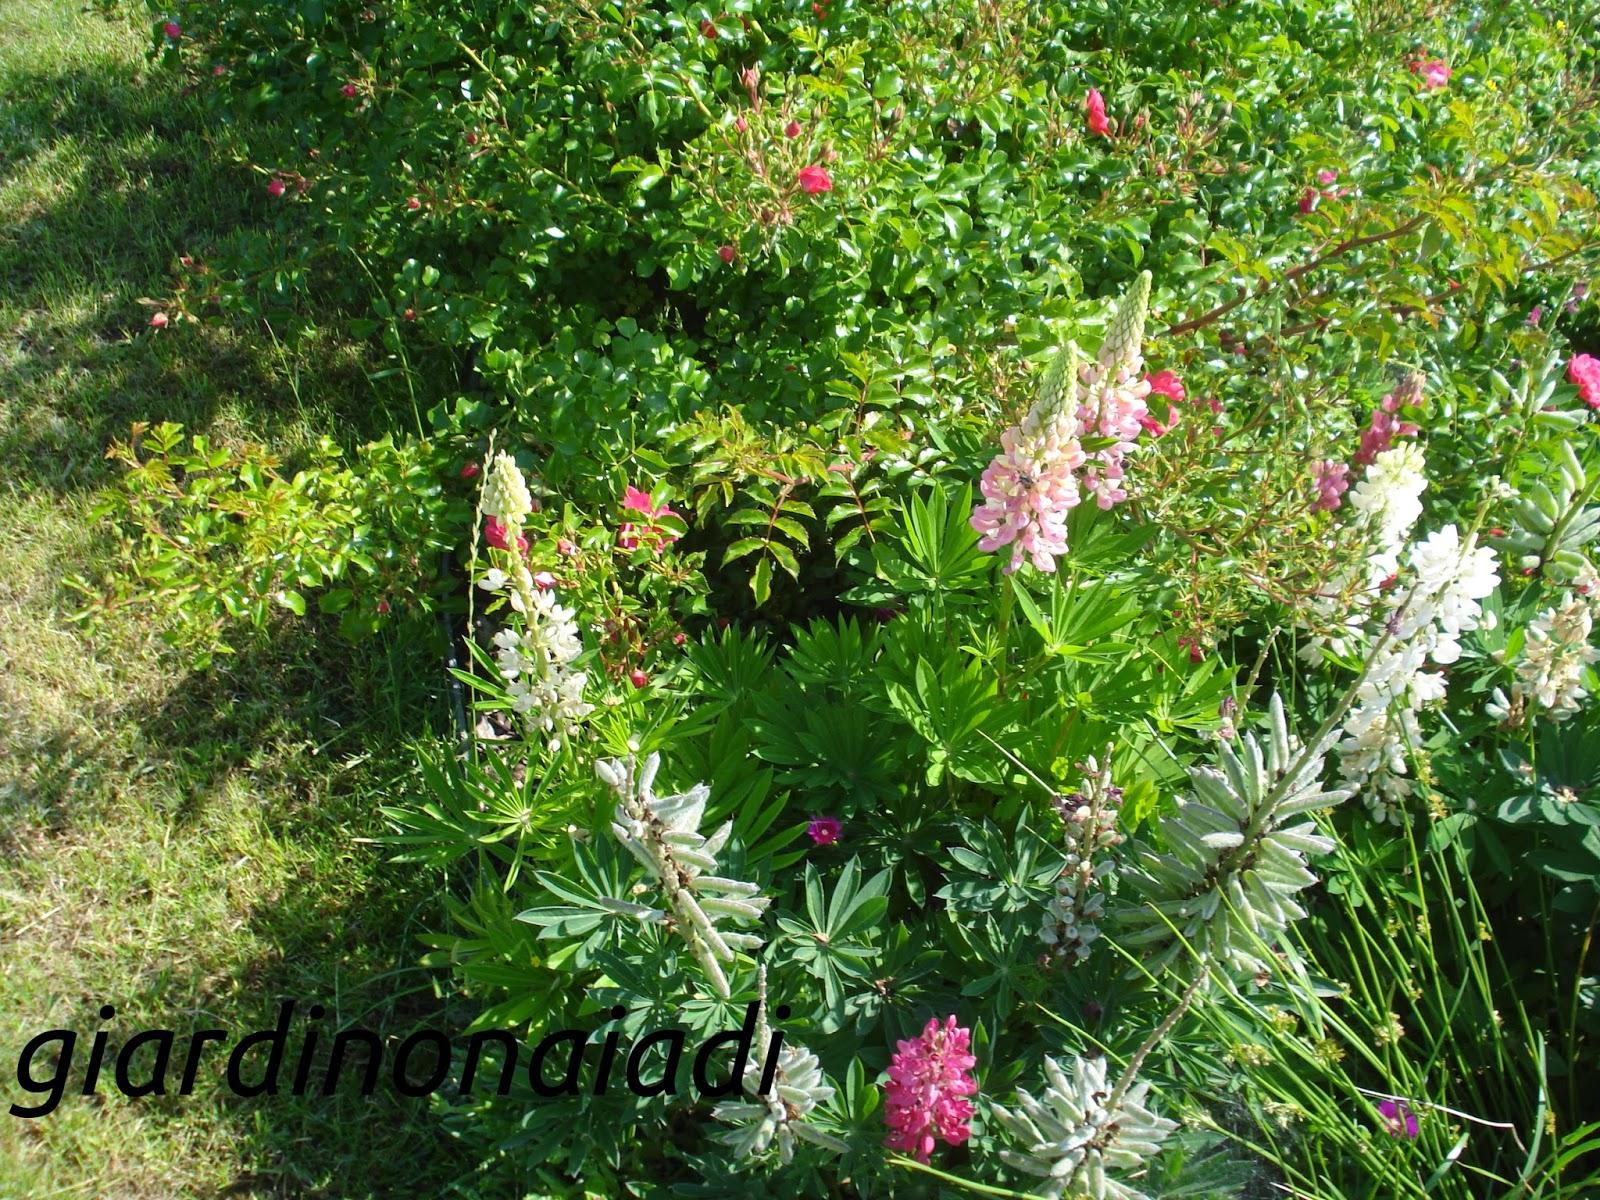 il giardino delle naiadi: lo stile: il giardino di campagna - Come Progettare Un Giardino Rettangolare